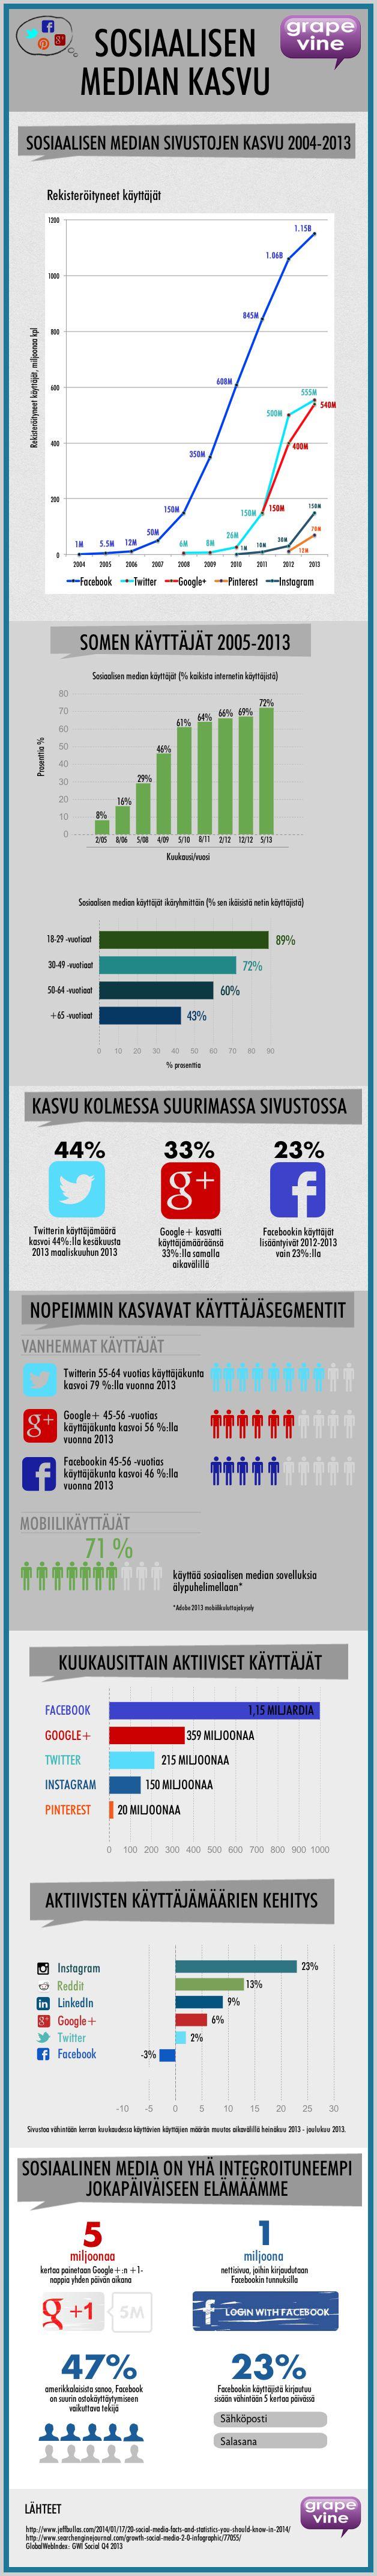 Sosiaalisen median käyttäjätilastoja. Infographic by Grapevine Media.